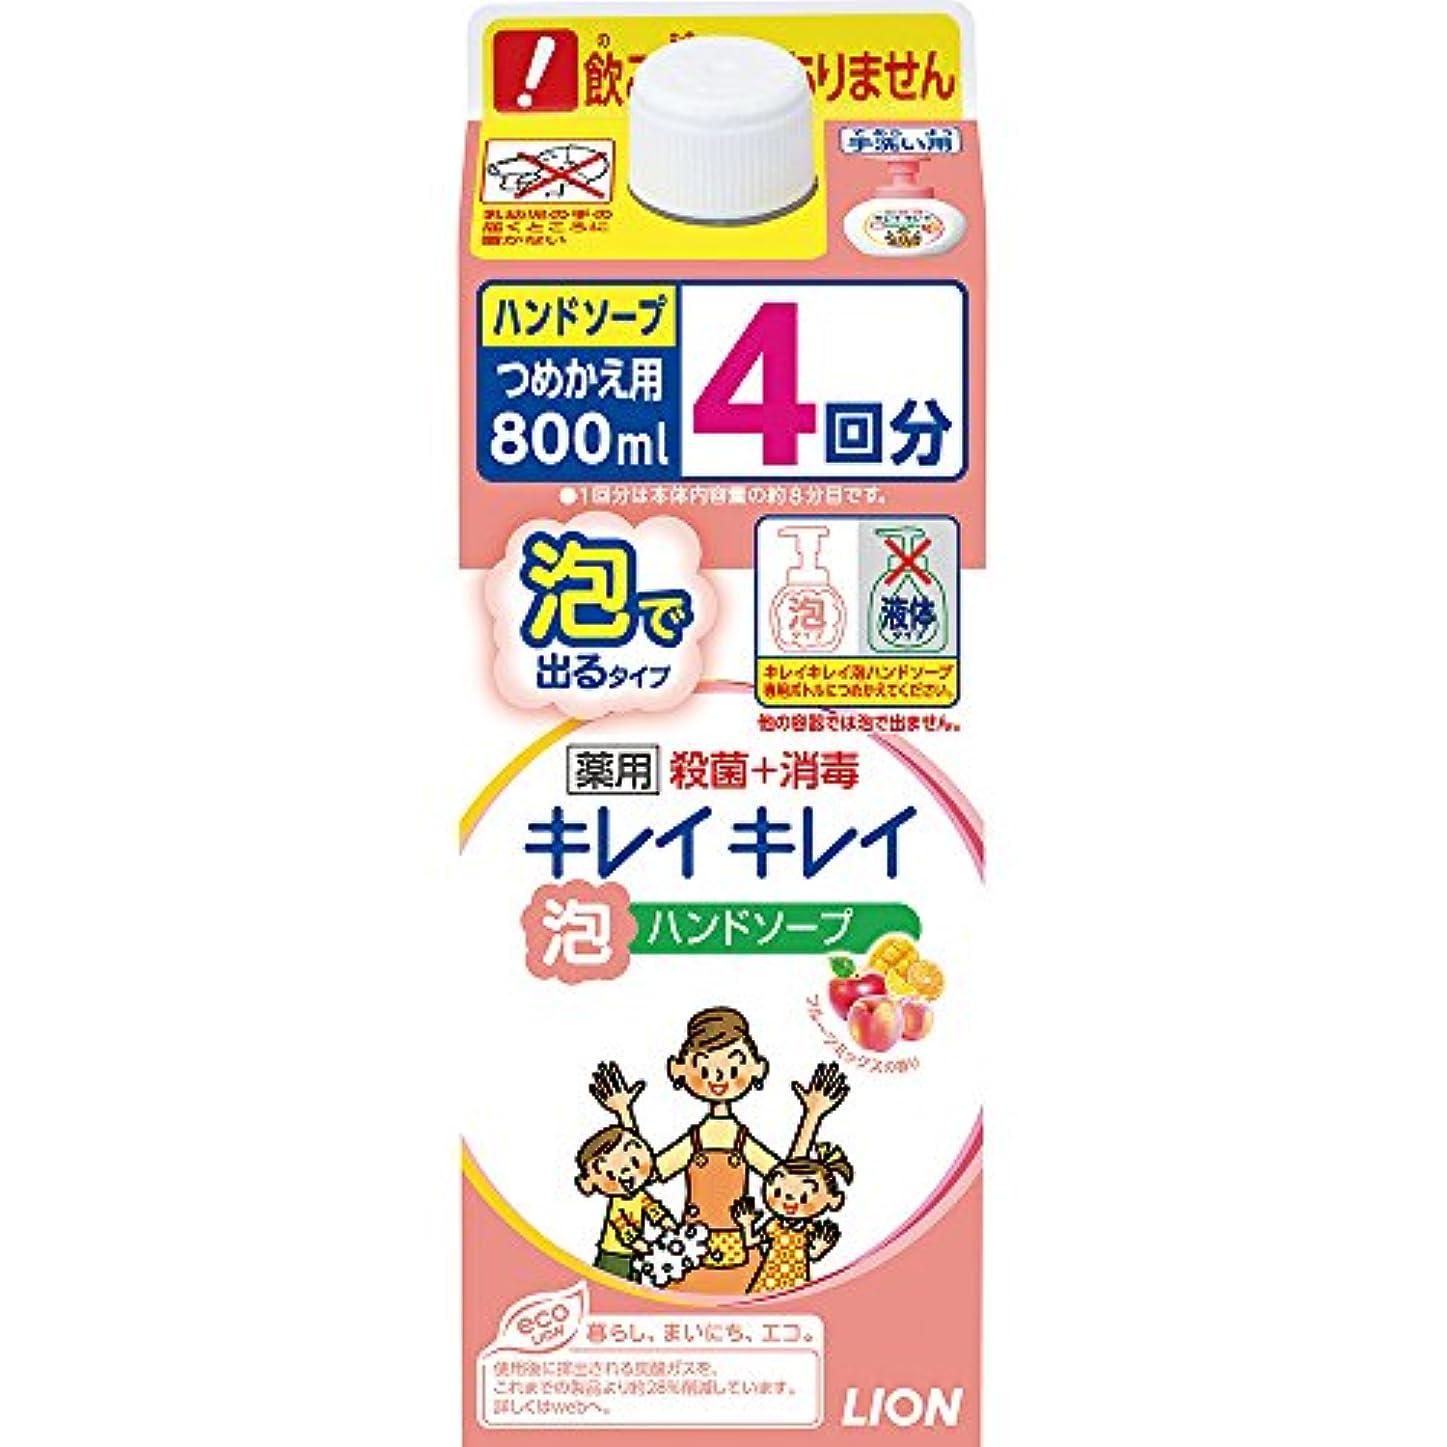 消化器コンデンサー仮装キレイキレイ 薬用 泡ハンドソープ フルーツミックスの香り 詰め替え特大サイズ 800ml(医薬部外品)